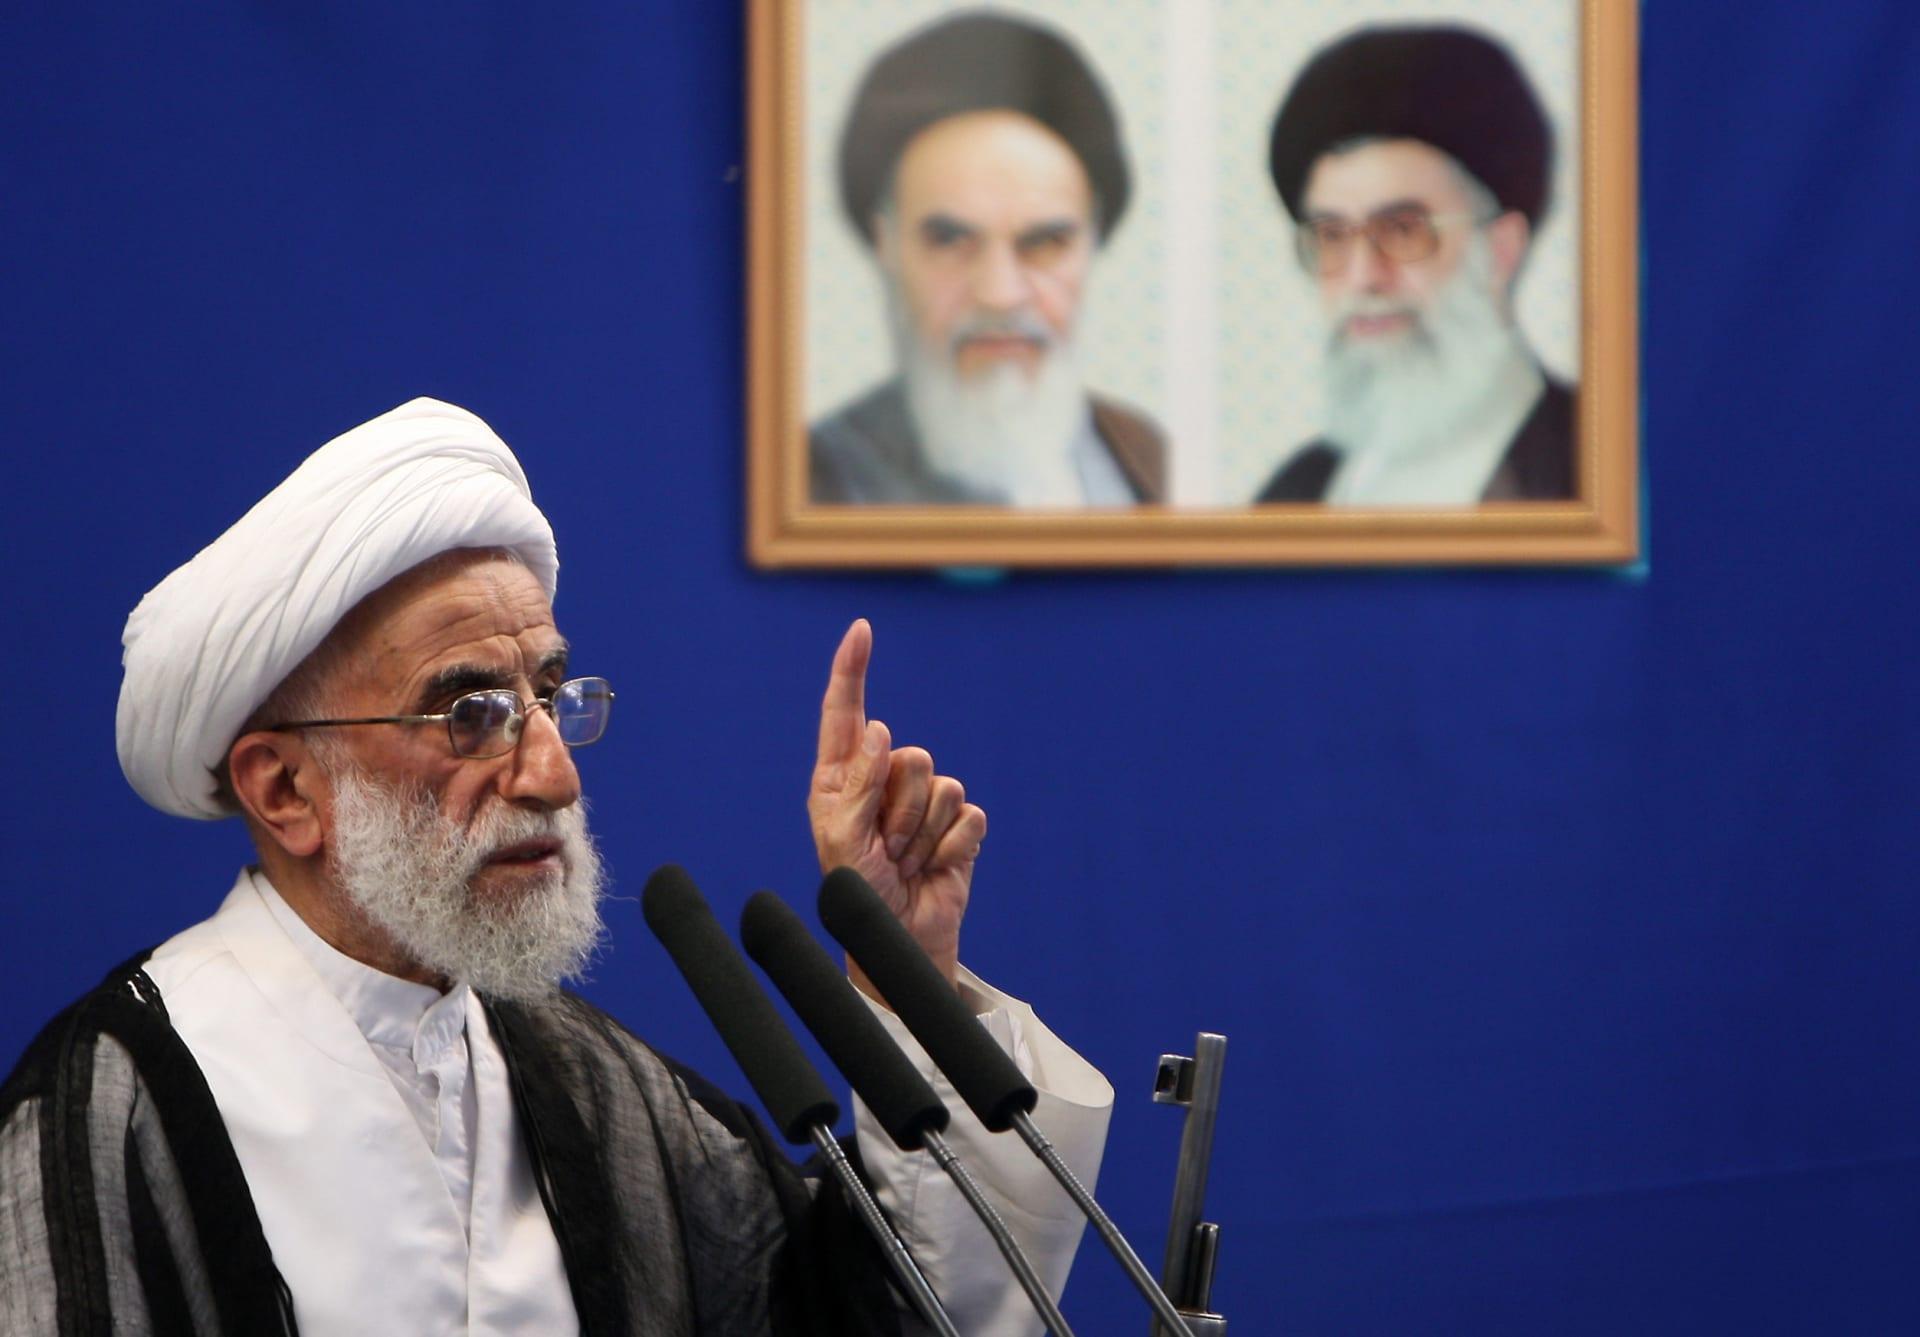 إيران تصعّد هجومها على السعودية: أنتم أحفاد أبوجهل وأبوسفيان